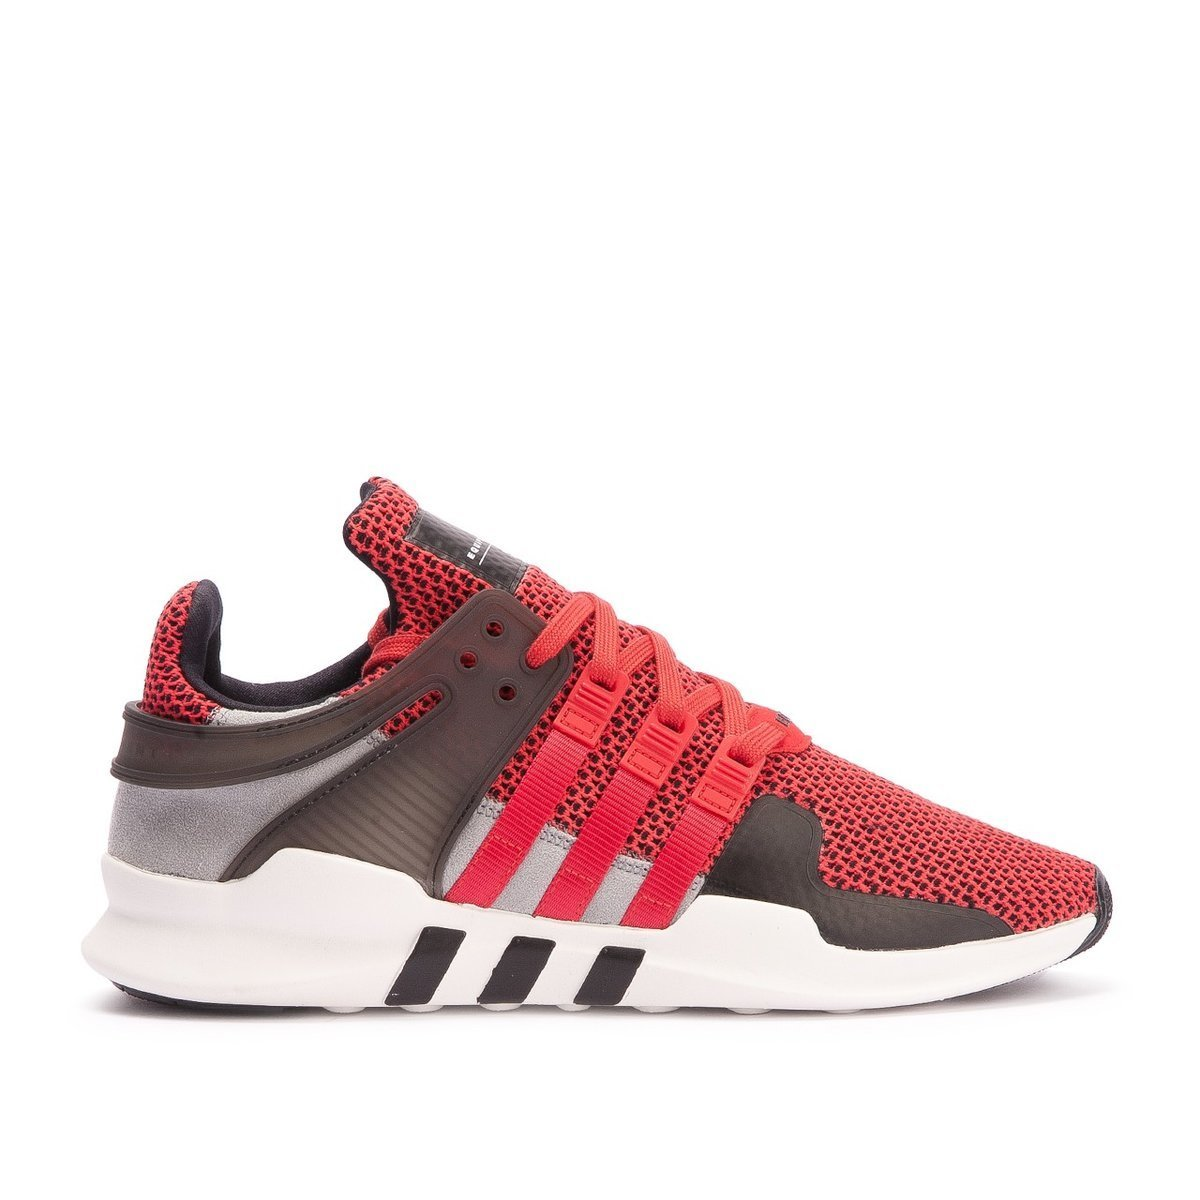 21d13f960219 Кроссовки Adidas Equipment. In   Перейти на официальный сайт производителя...  http